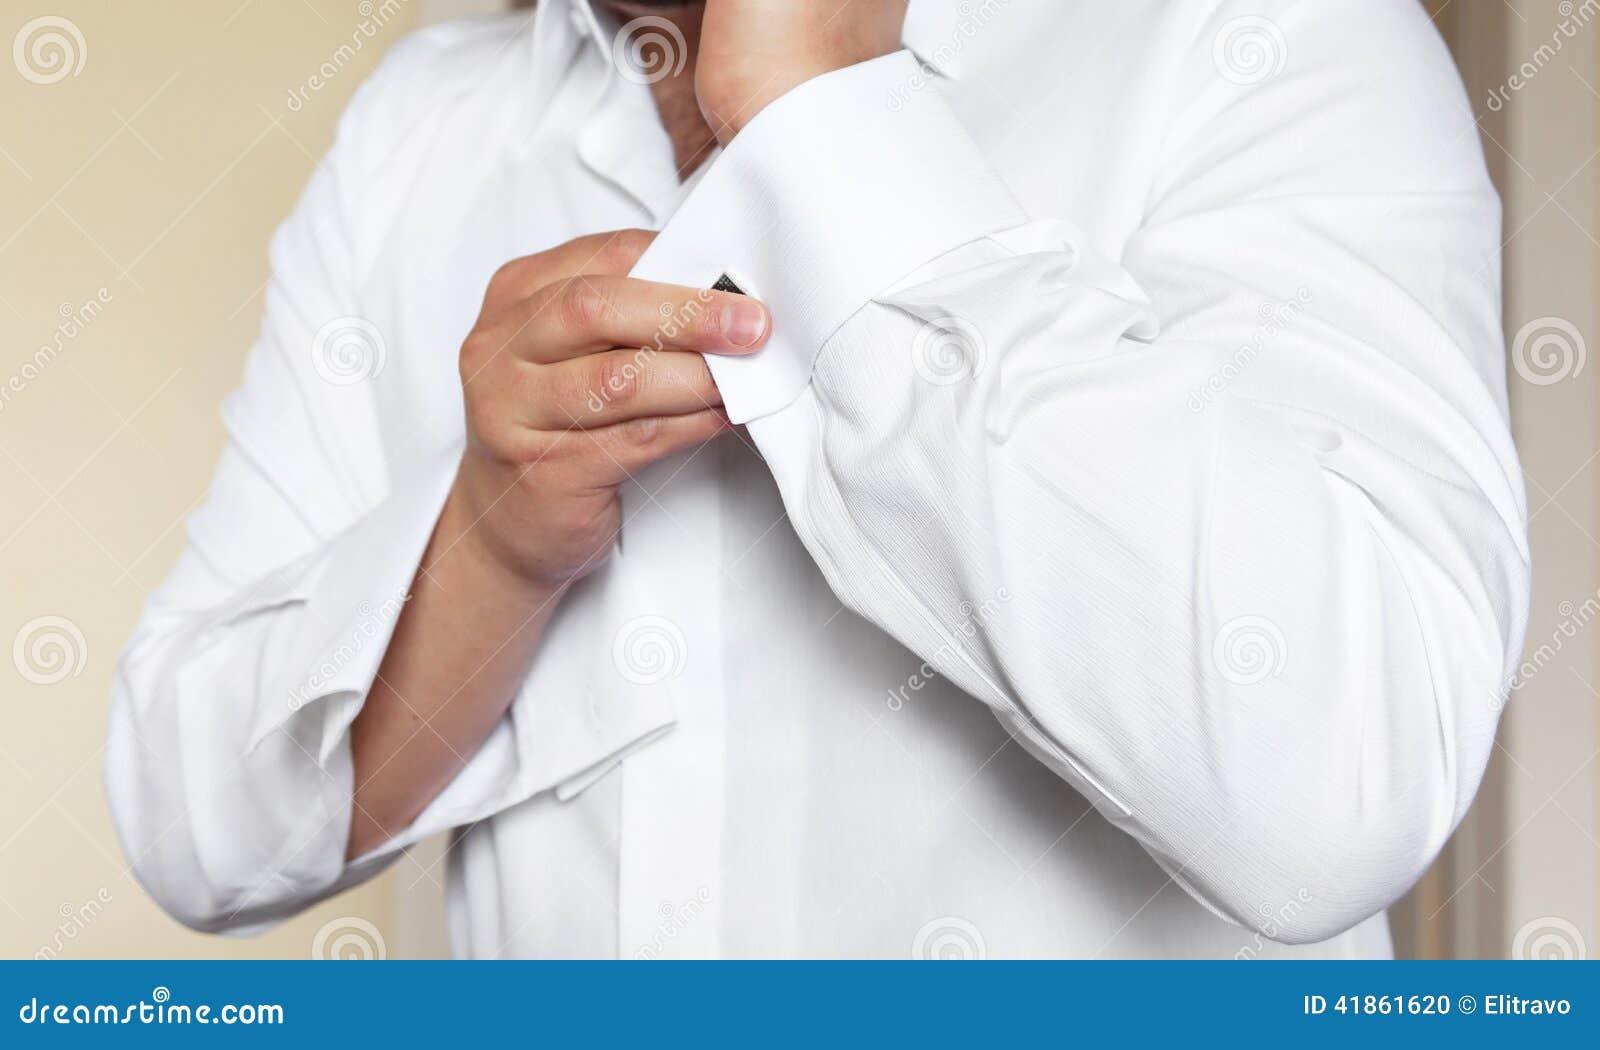 Man Wears White Shirt And Cufflinks Stock Photo - Image: 41861620